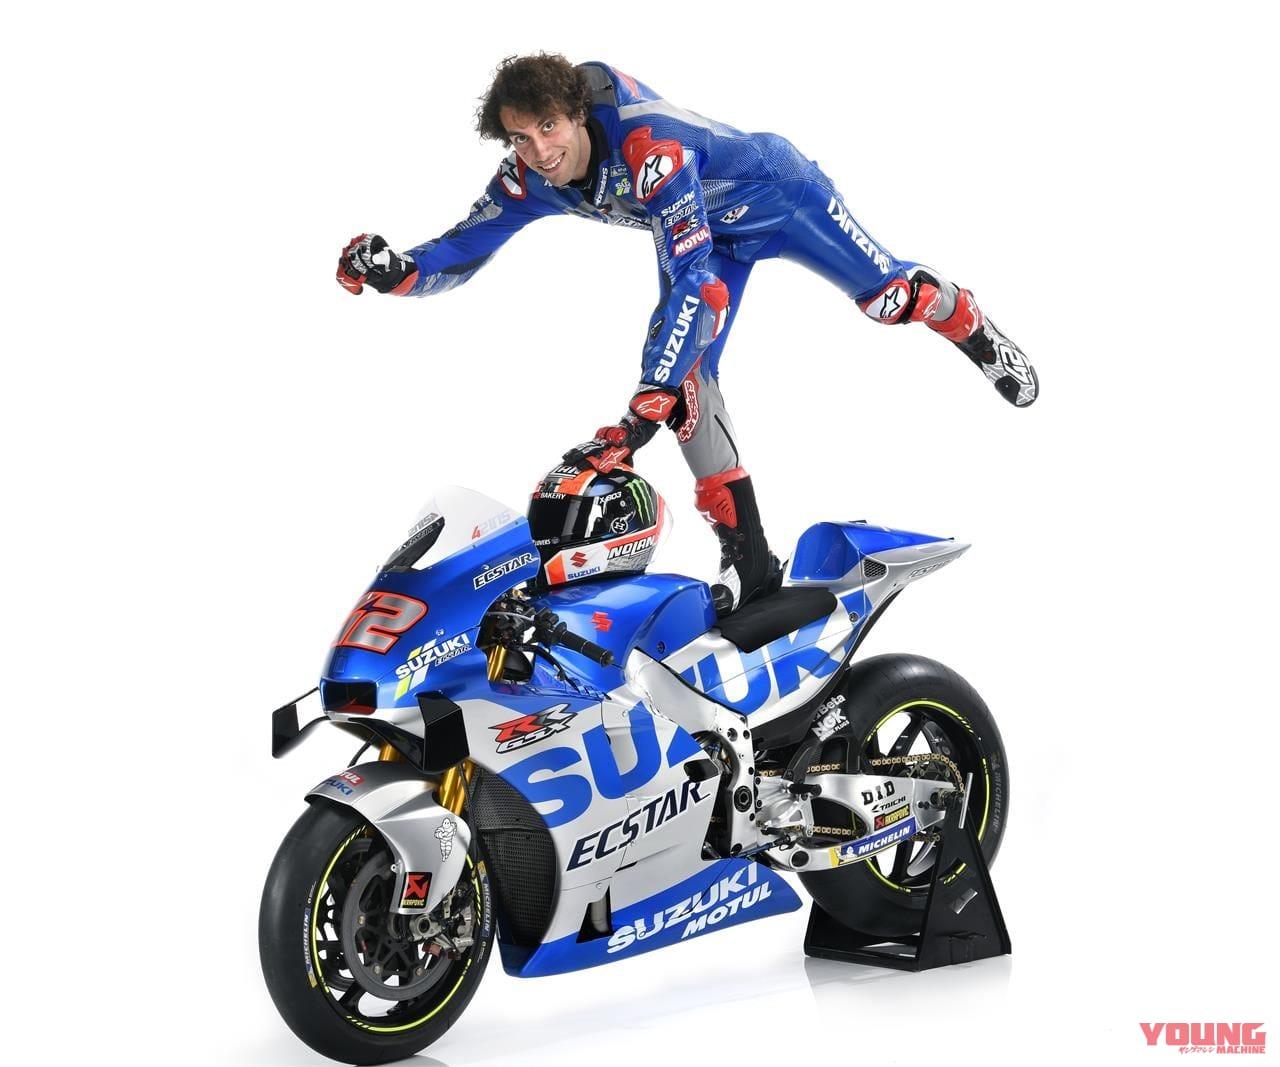 SUZUKI GSX-RR Alex Rins 2020